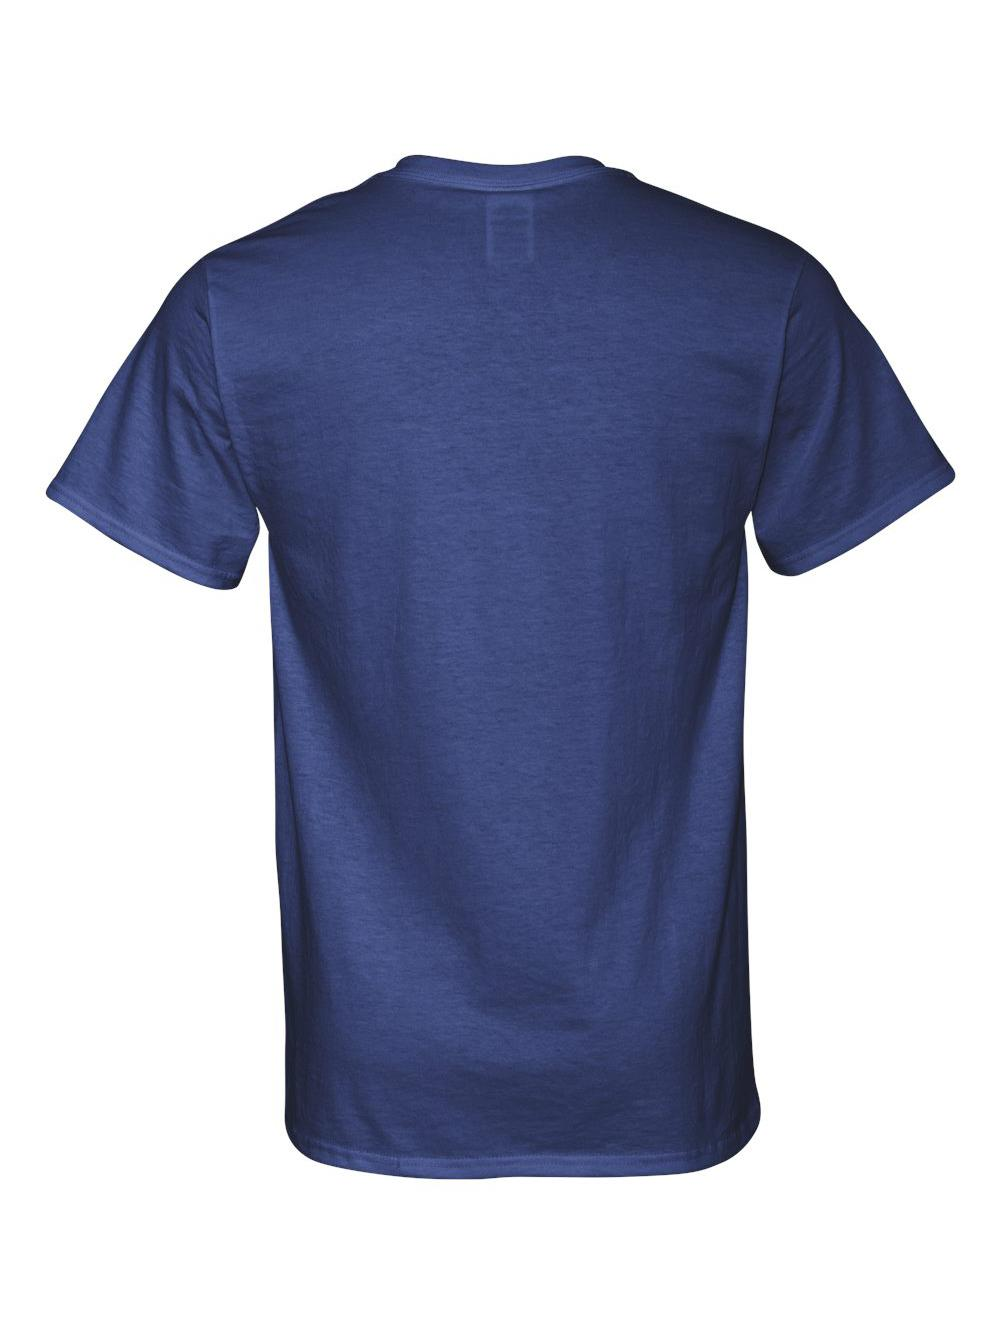 Jerzees-Dri-Power-Tall-50-50-T-Shirt-29MT thumbnail 16